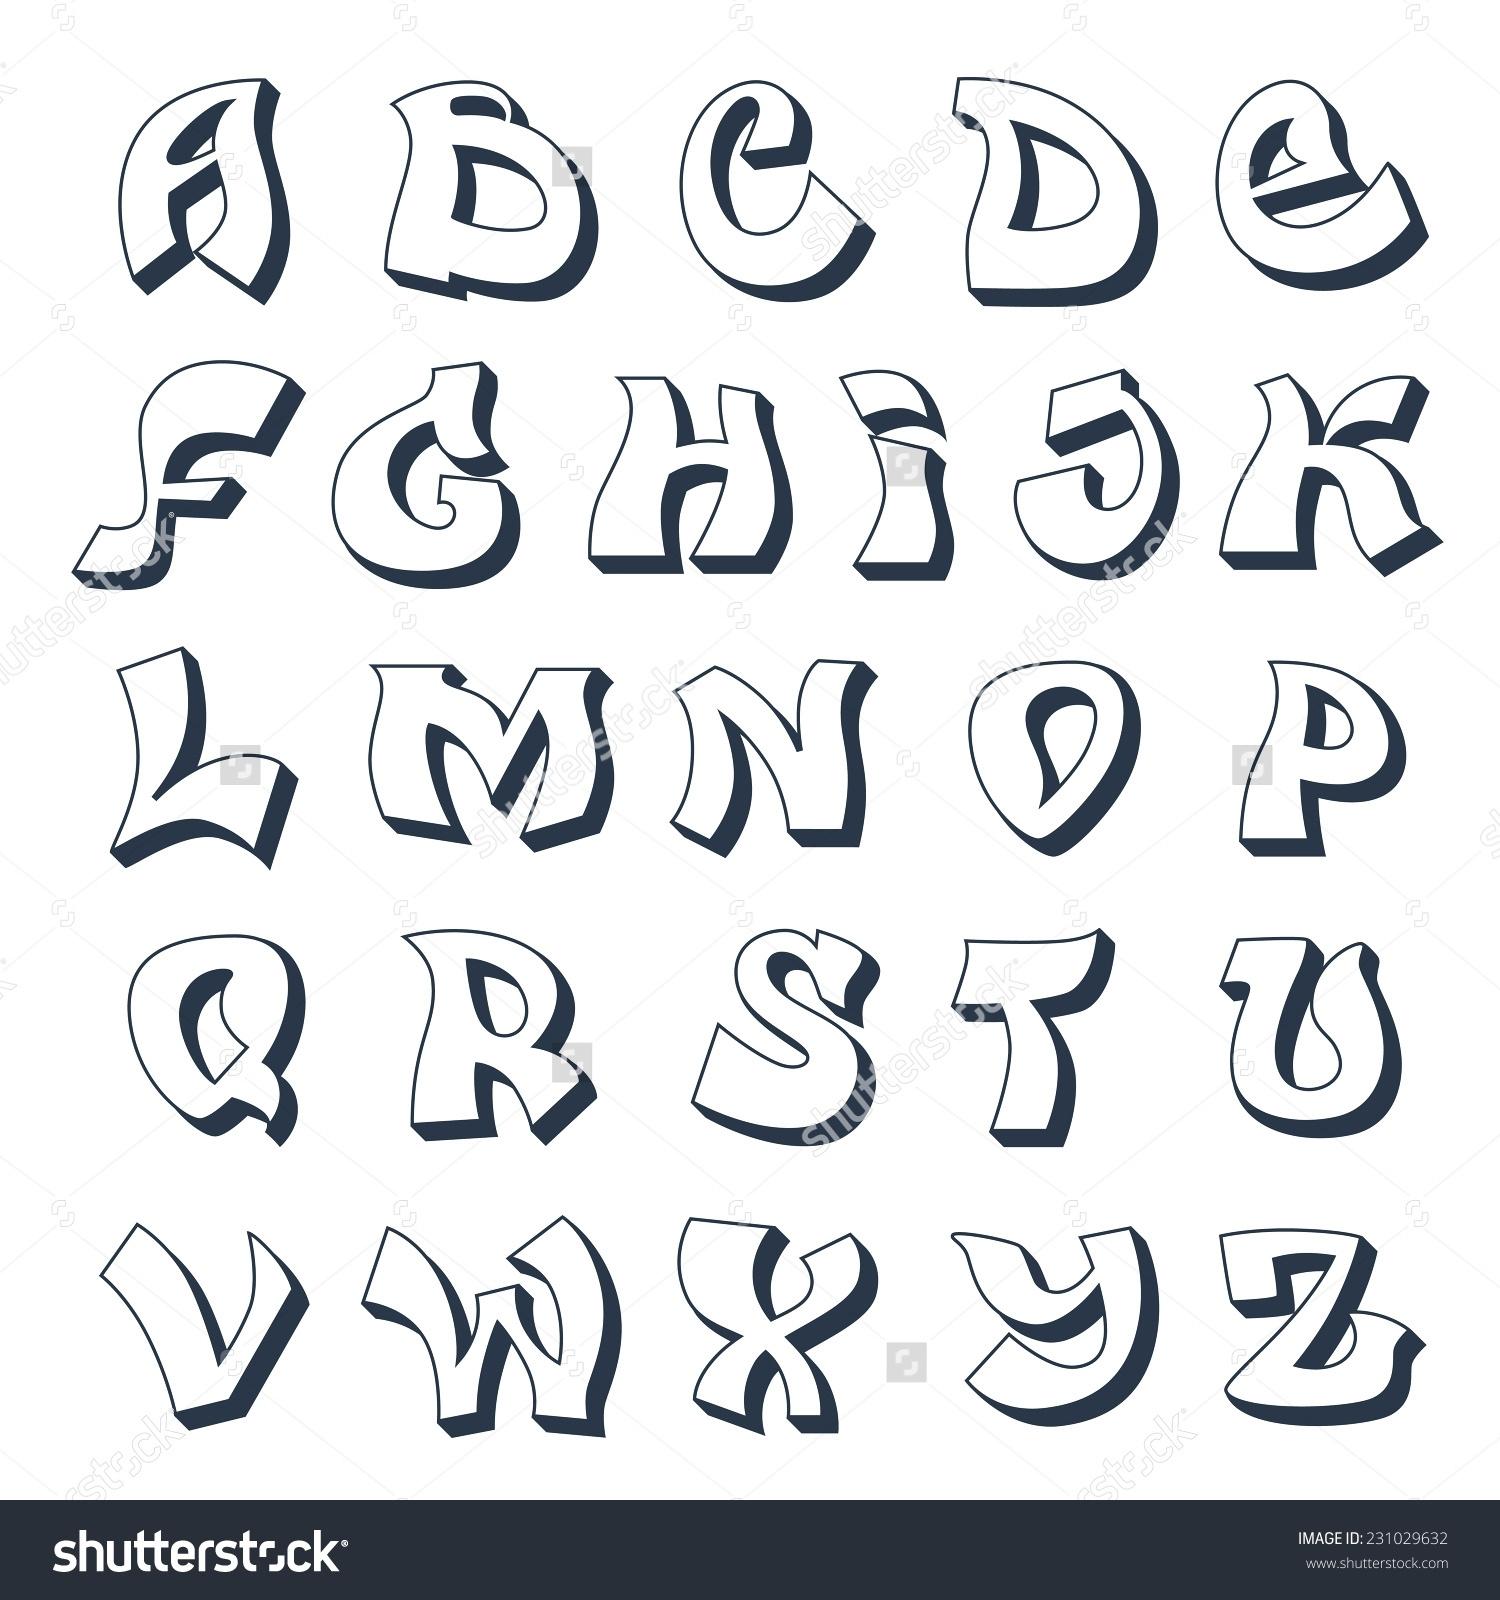 Alphabet Buchstaben Ausdrucke - Malvorlagen Für Kinder mit Buchstaben Zum Ausschneiden